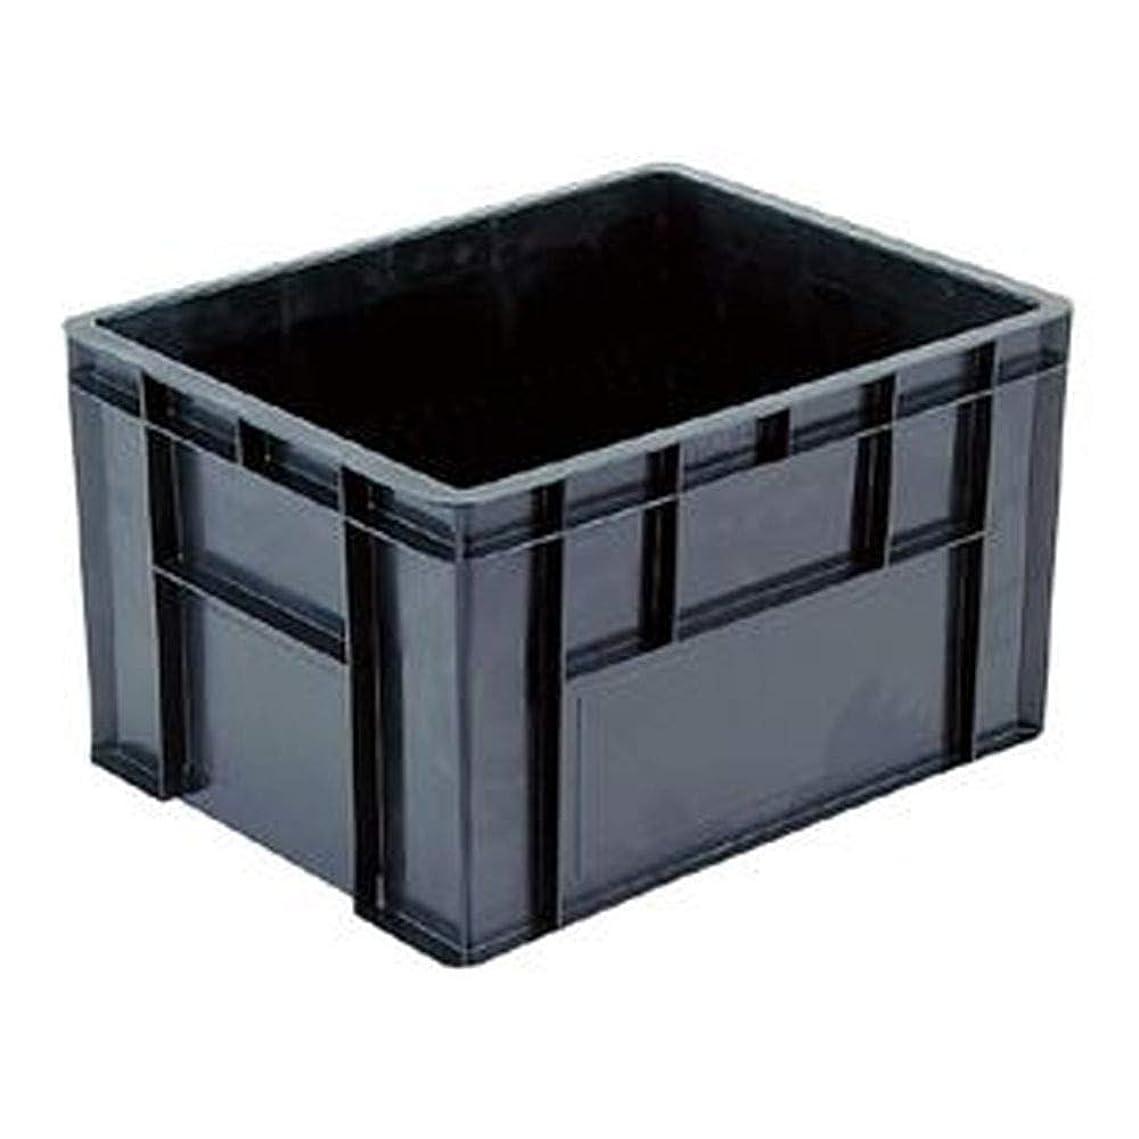 雄弁なうめき骨== 業務用5個セット == 三甲 - サンコー - / 導電性コンテナボックス/テンバコ / - 76.3L - / 段積み可/ED-76M / ブラック - 黒 - - -